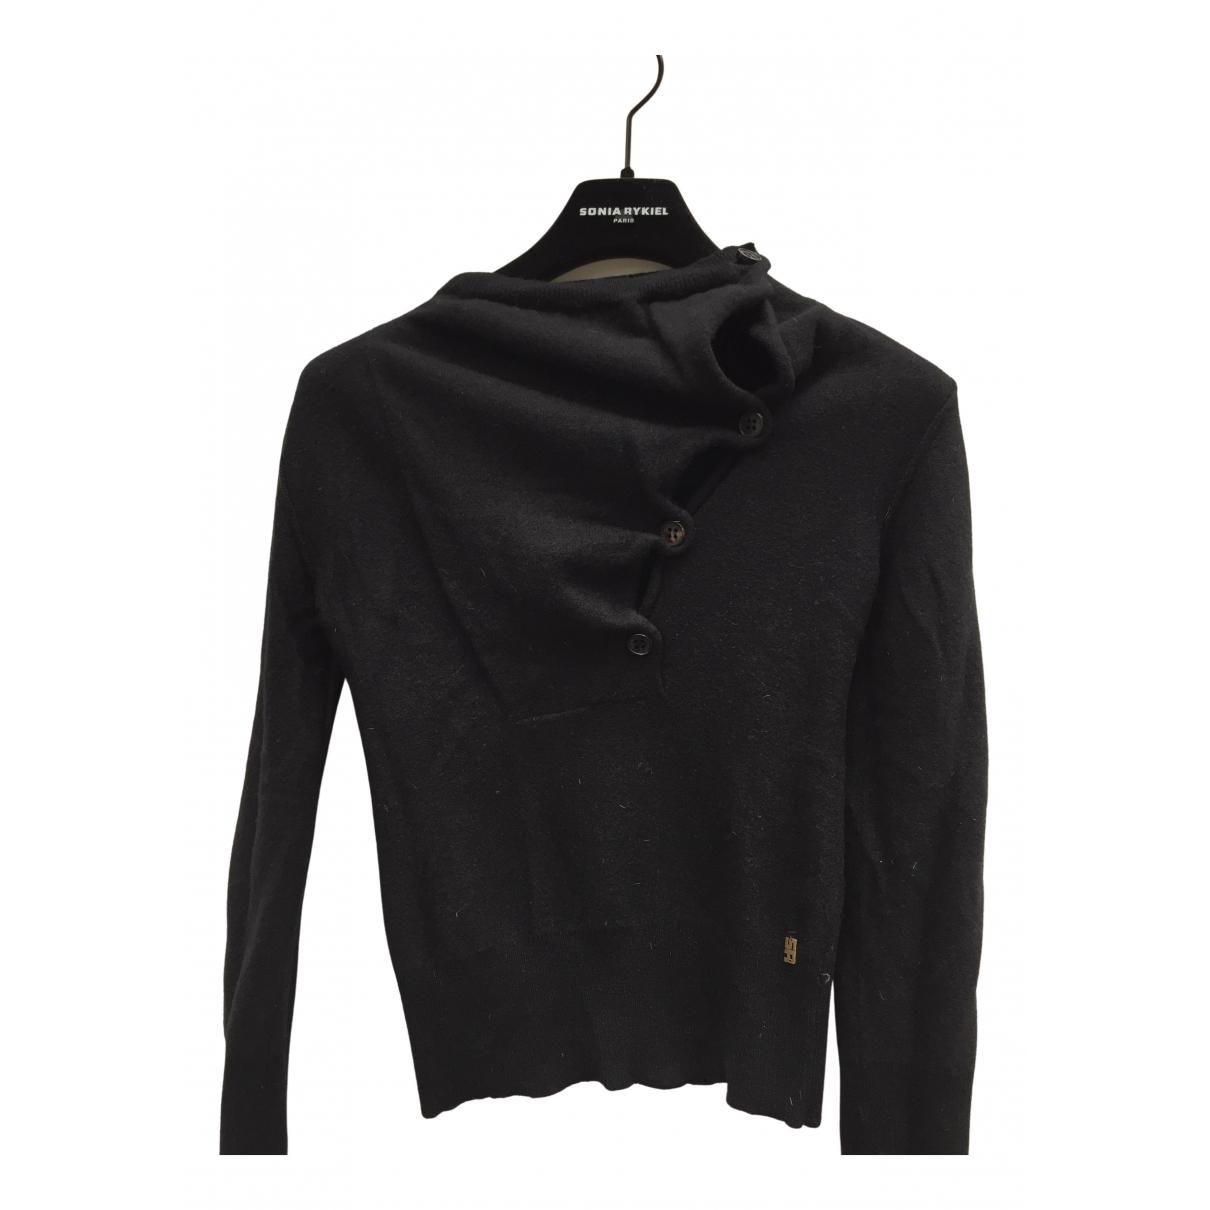 Sonia Rykiel N Black Wool Knitwear for Women S International